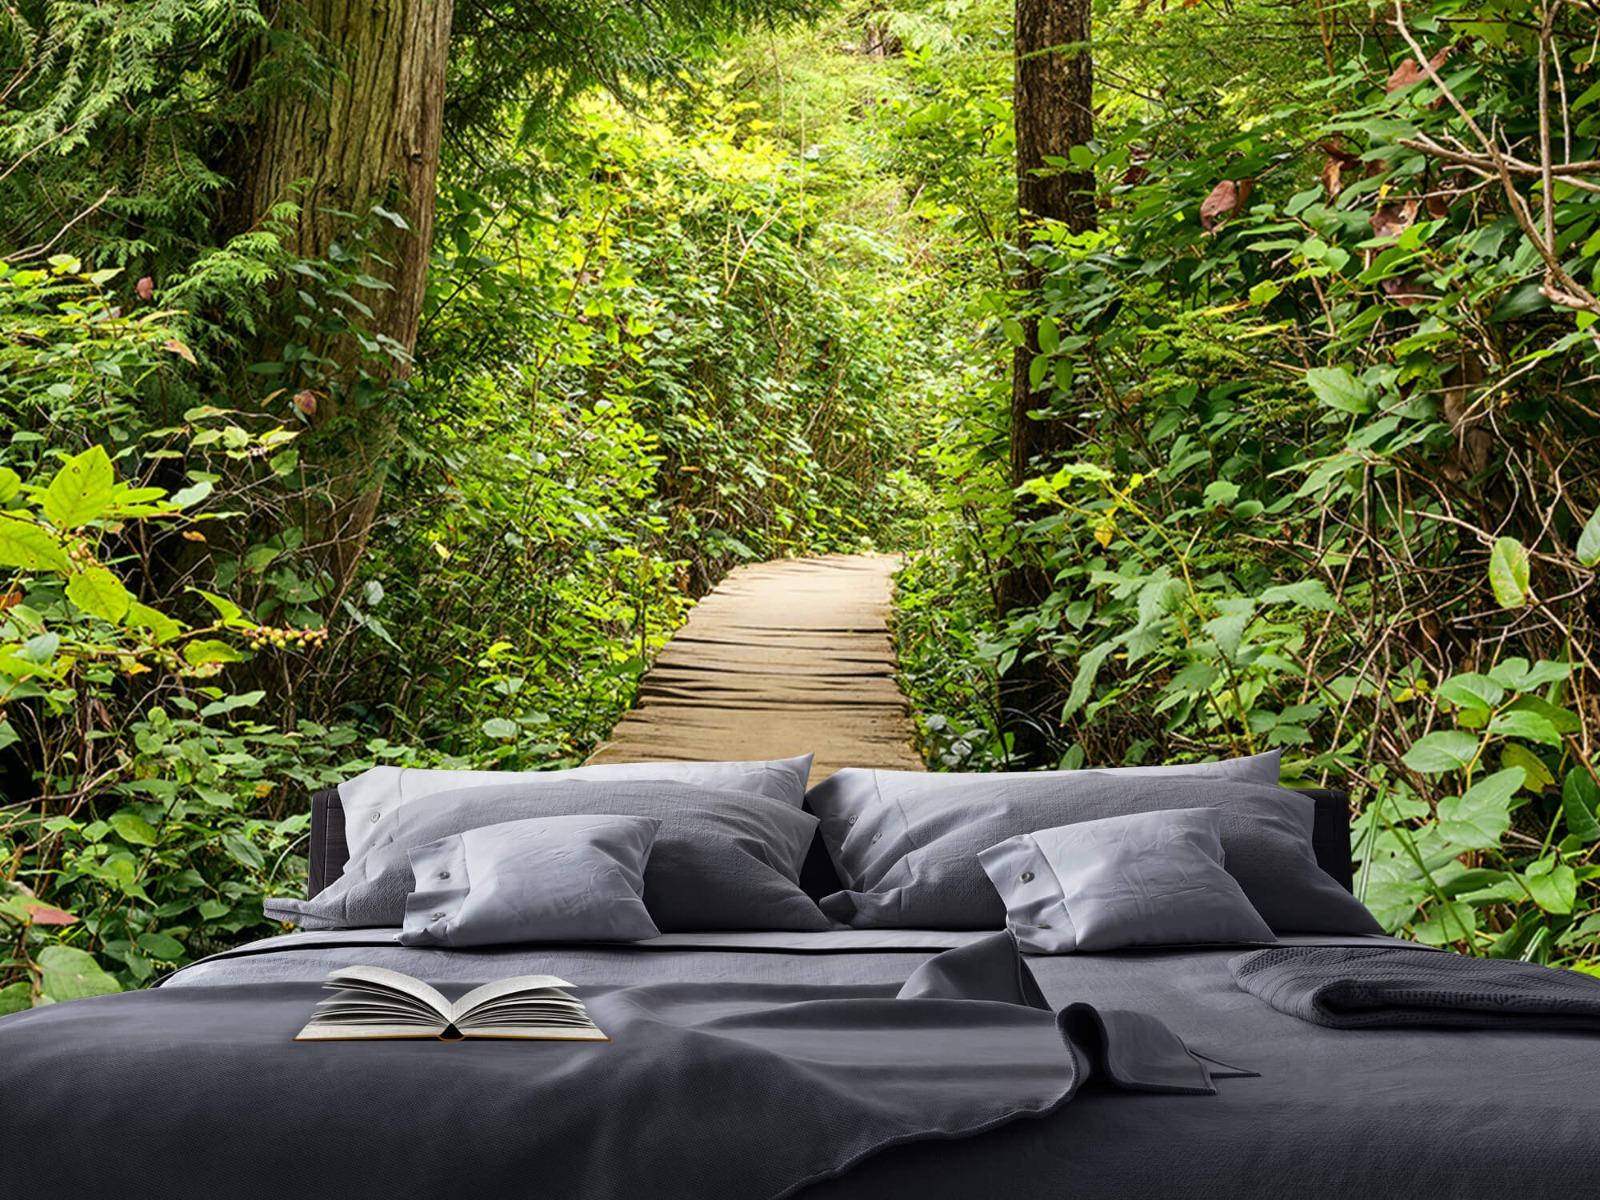 Bos behang - Houten pad door het groen - Slaapkamer 21